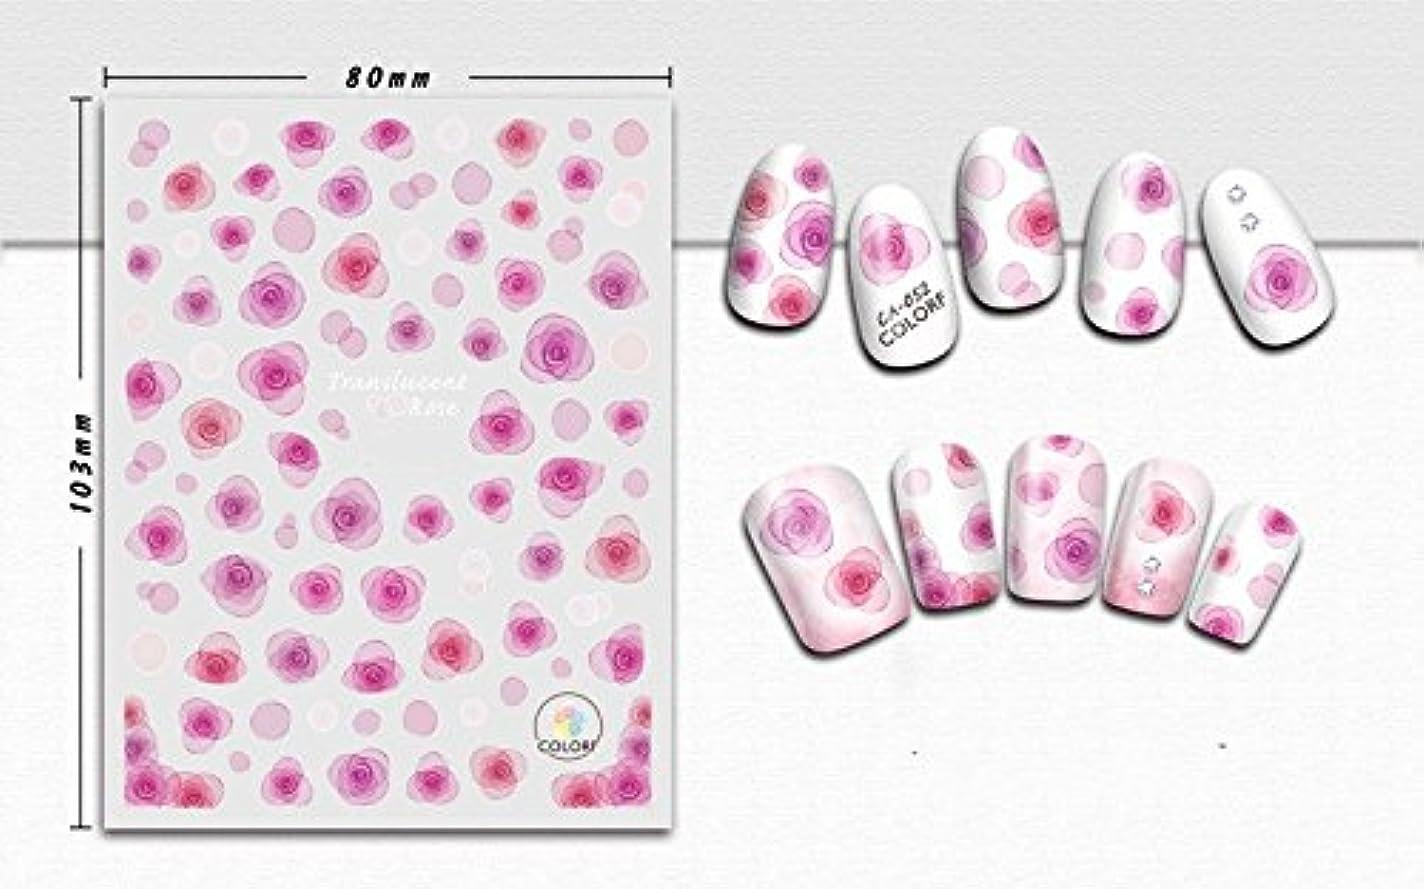 和らげる慢な確立します1シート 白い 半透の花 レース フラワー 薔薇 ローズ グラディエントフラワー スマッシング  3Dシール  ウオーターシール ネイルステッカー ネイルシール  ネイルアート ネイルデコ ネイルジュエリー  (2)